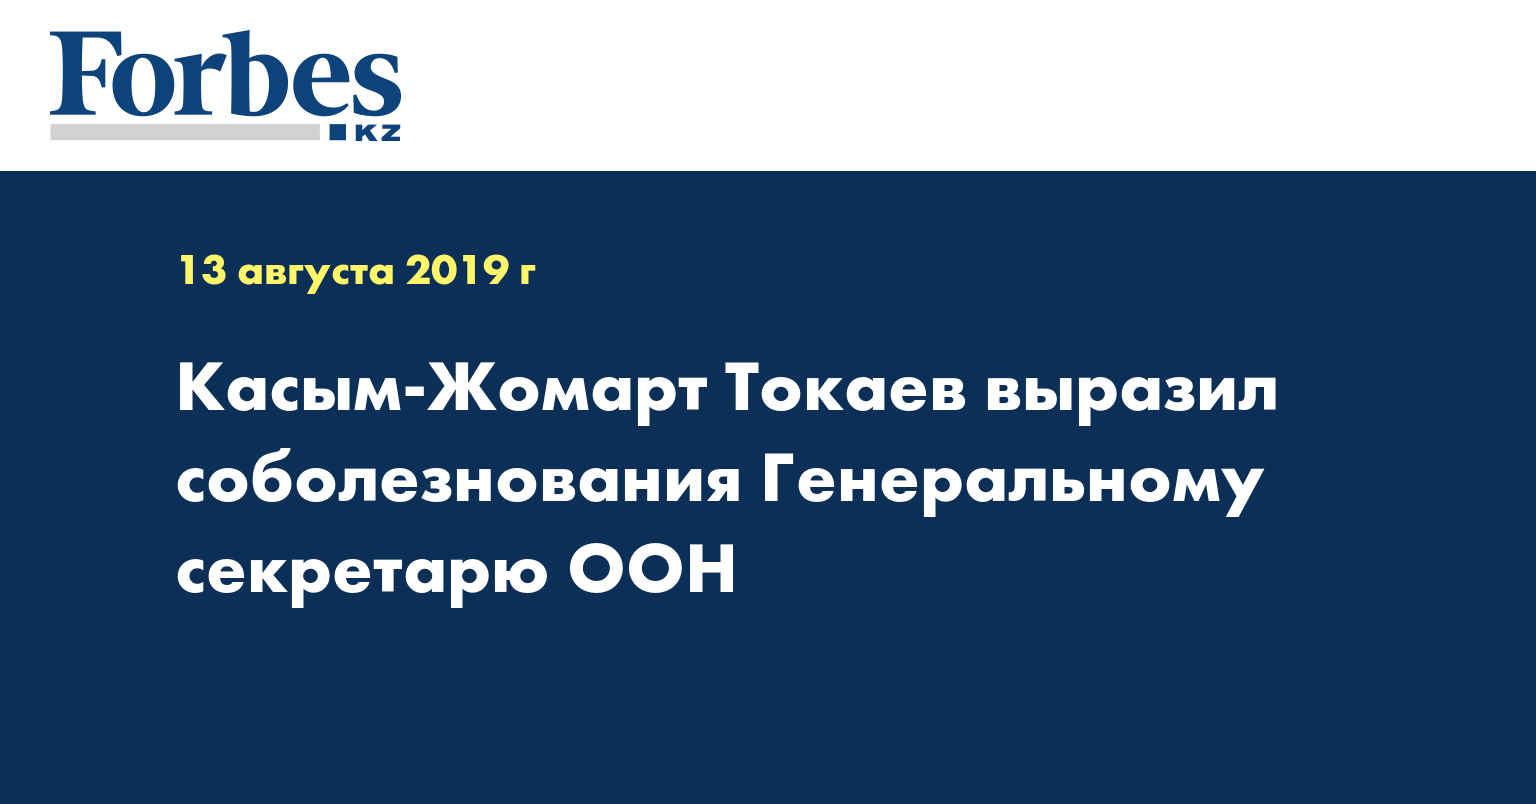 Касым-Жомарт Токаев выразил соболезнования Генеральному секретарю ООН